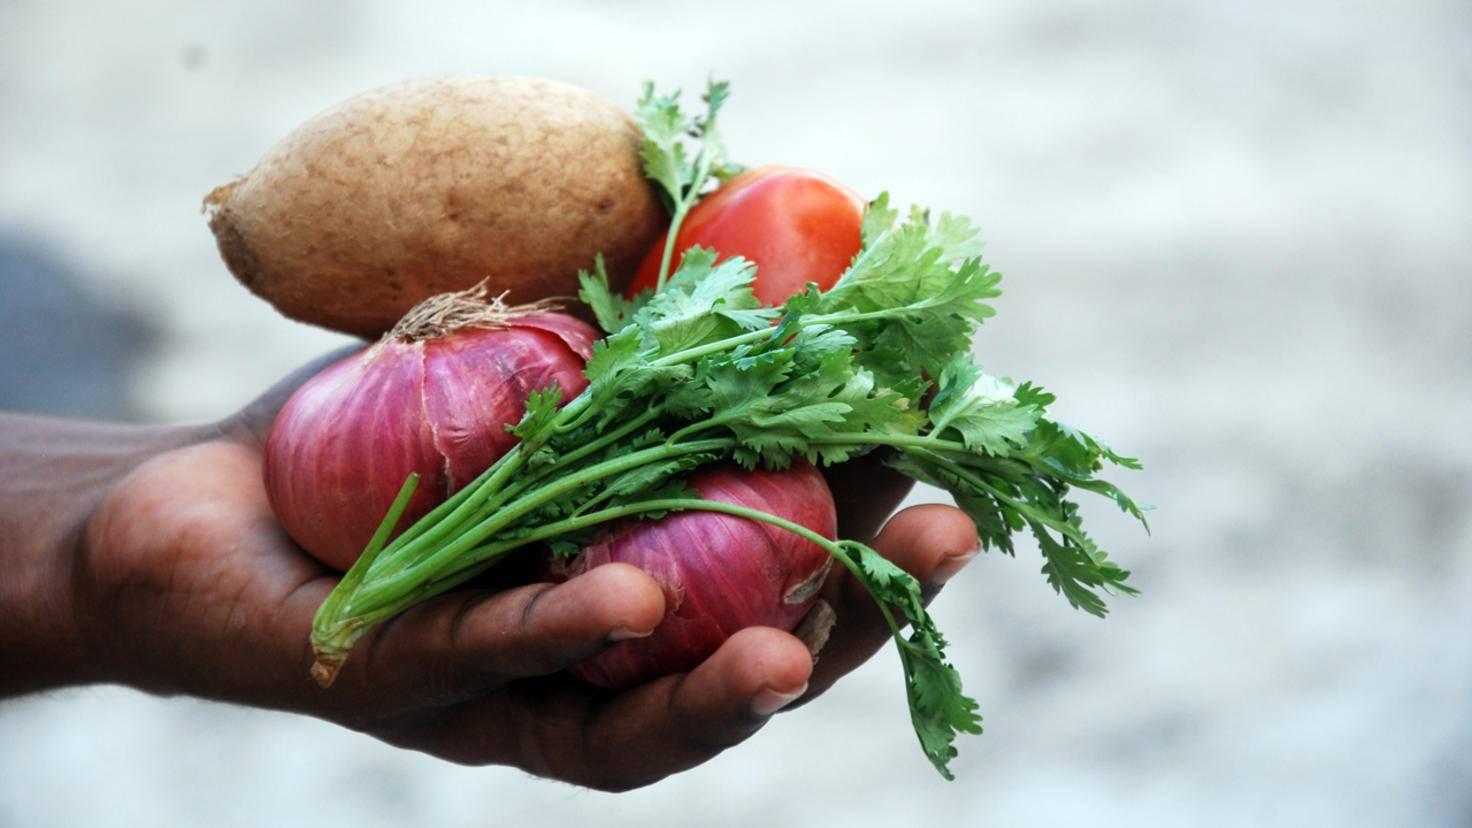 Volle Kontrolle: Wer sein Gemüse selbst anbaut, bekommt es günstig und weiß, was drin ist.